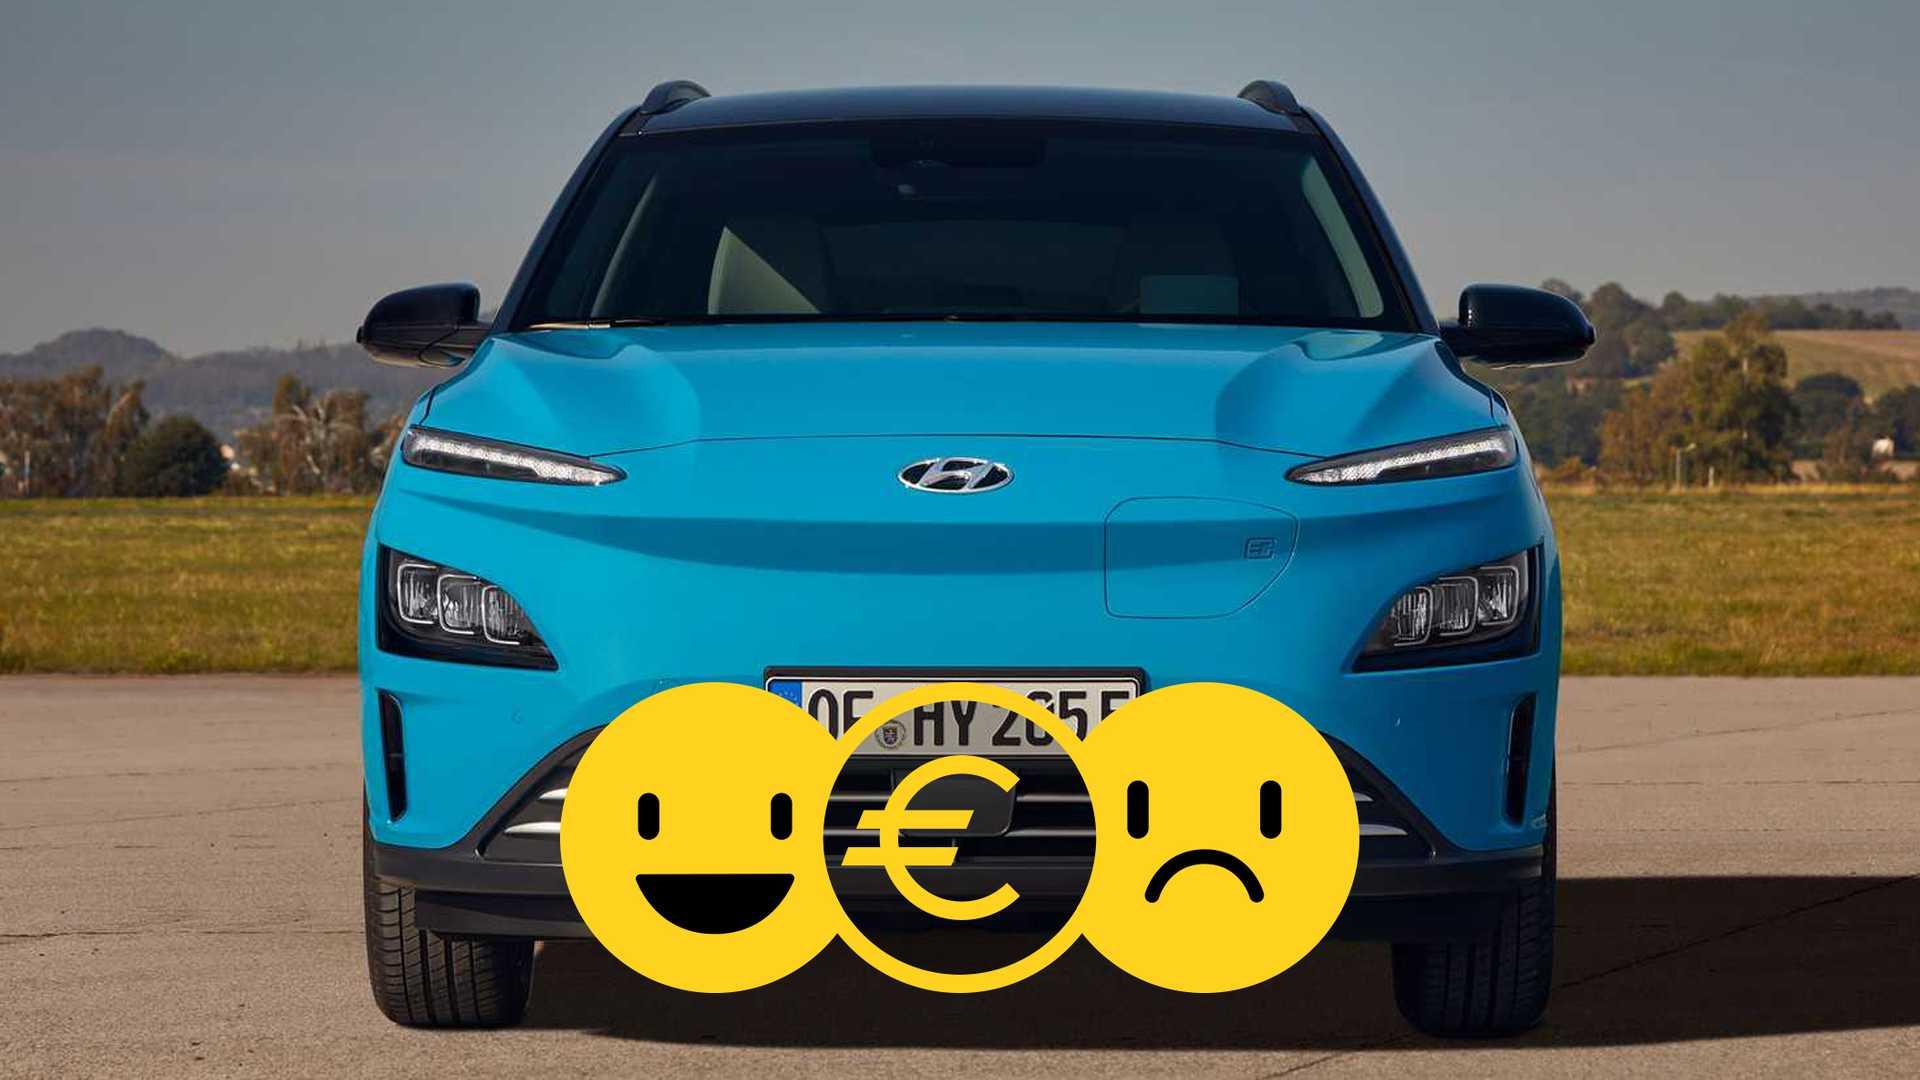 Promozione Hyundai Kona Electric, perché conviene e perché no